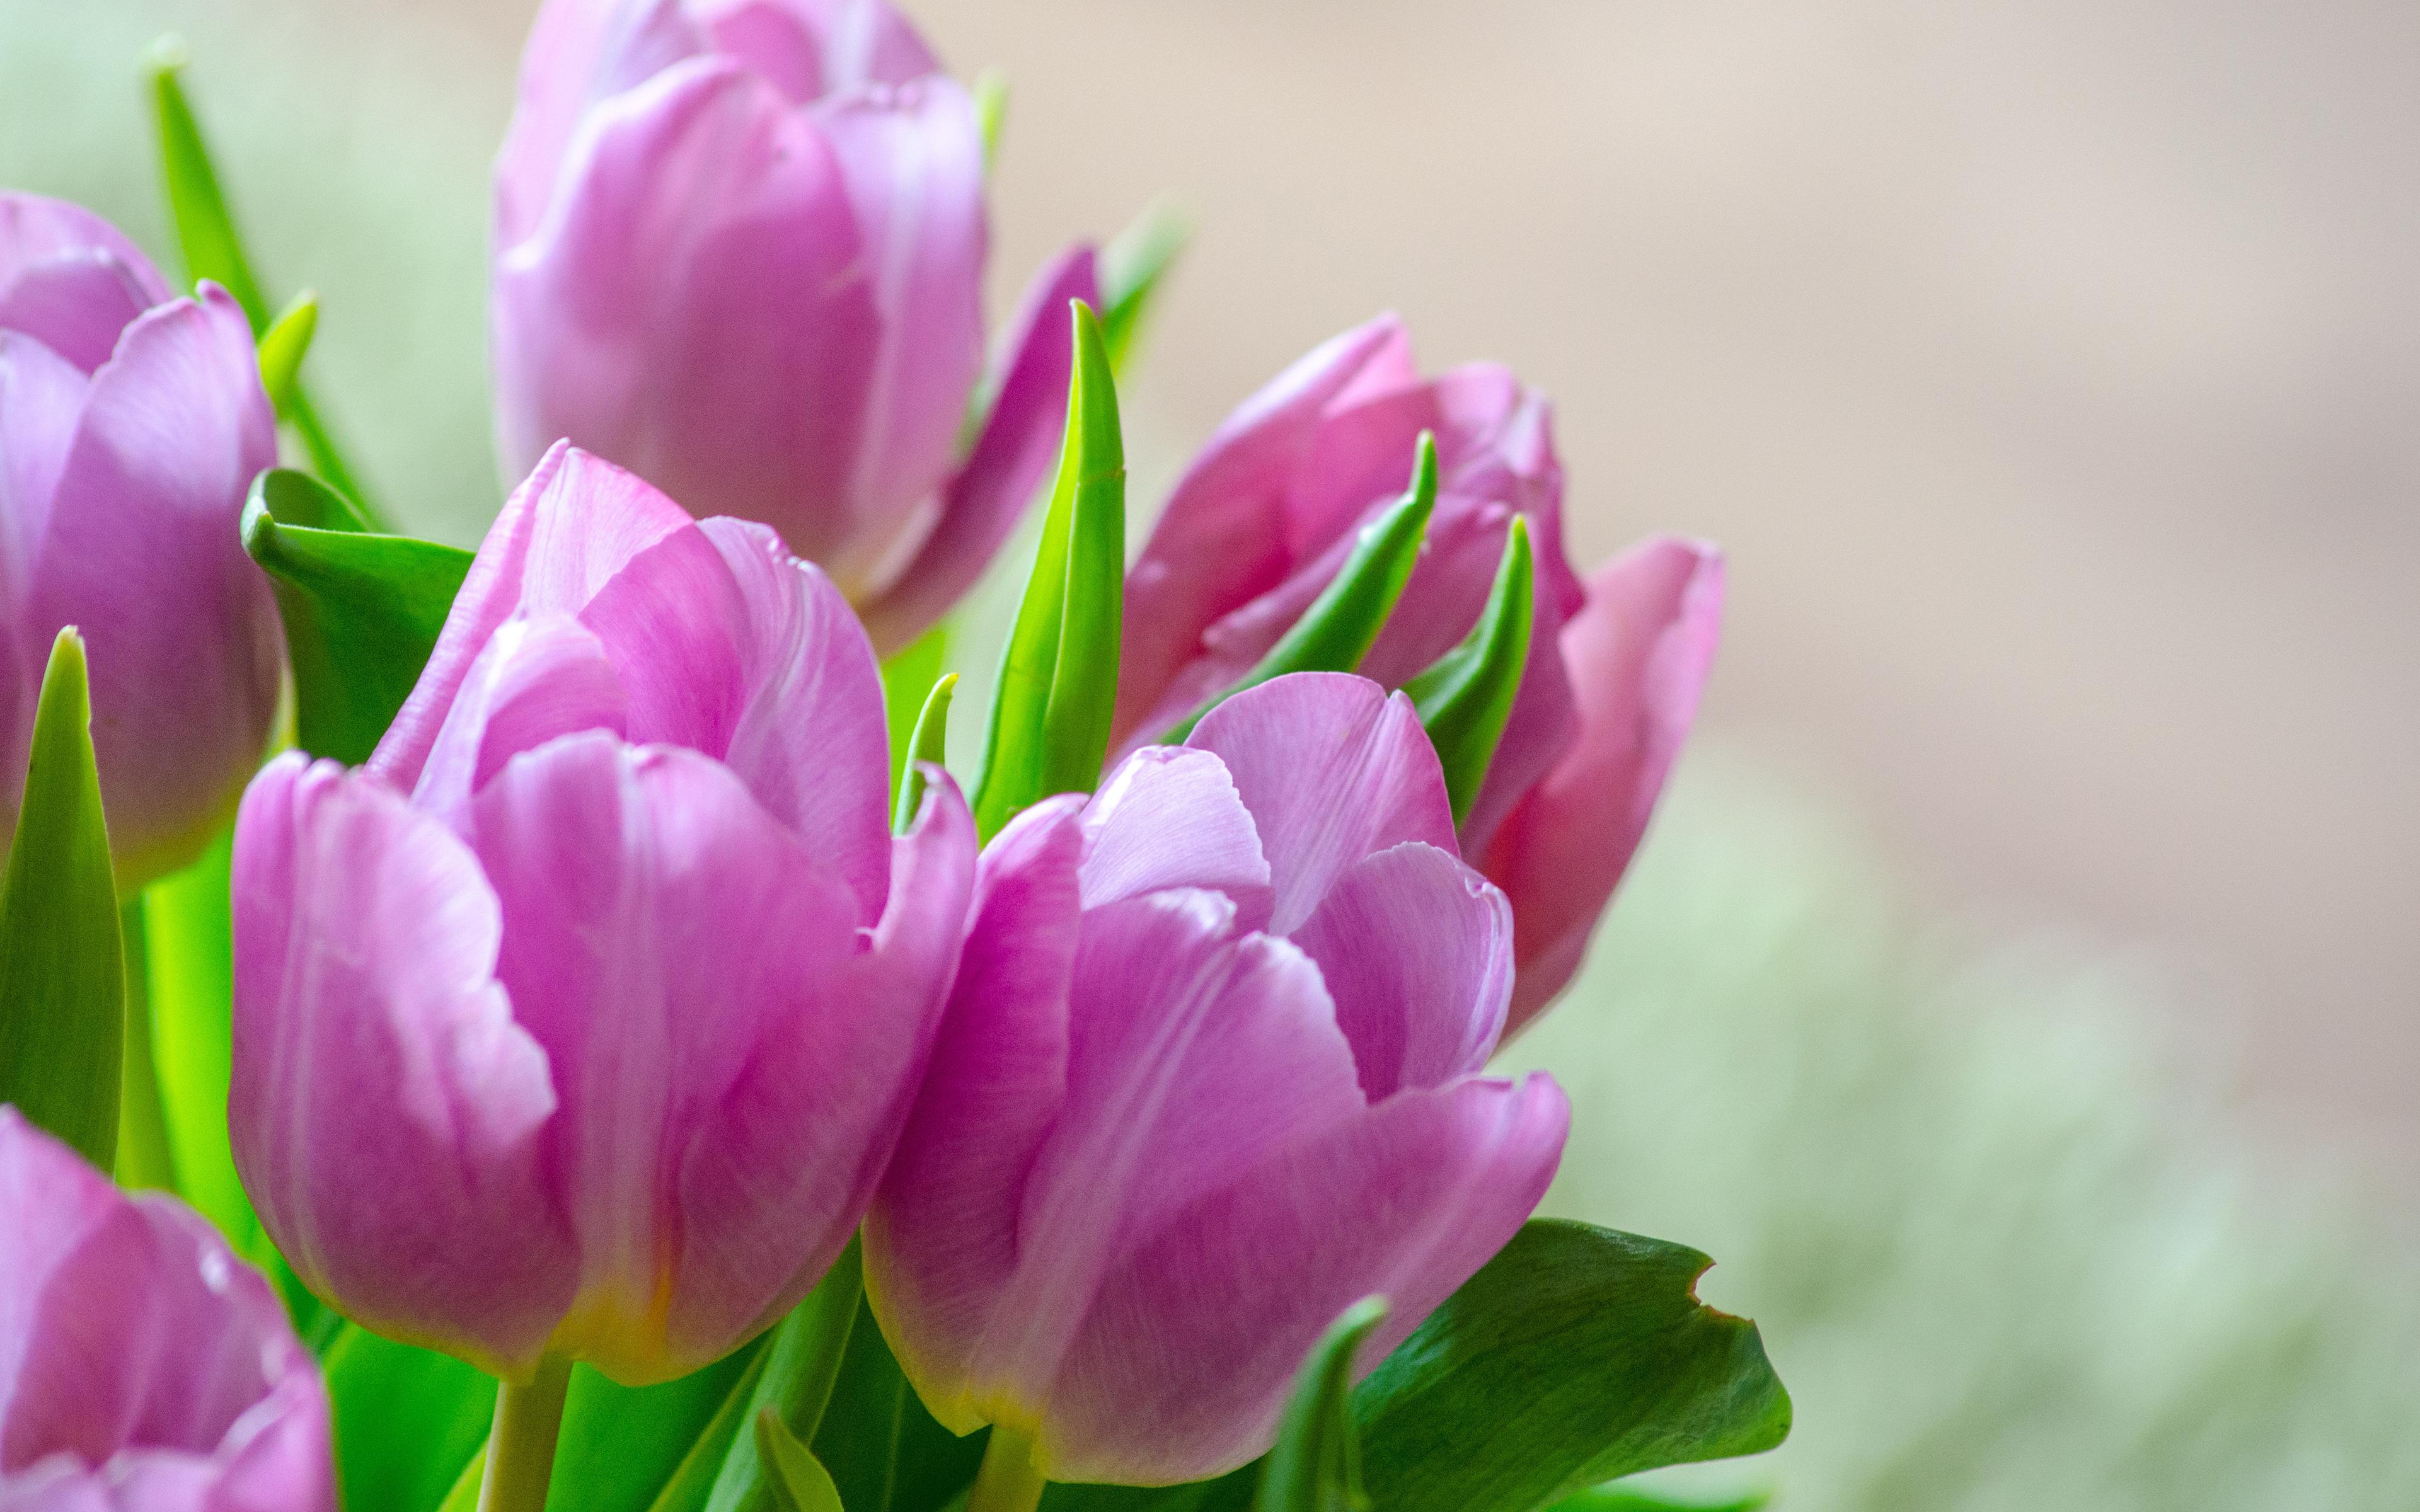 тюльпаны цветы фокус без смс